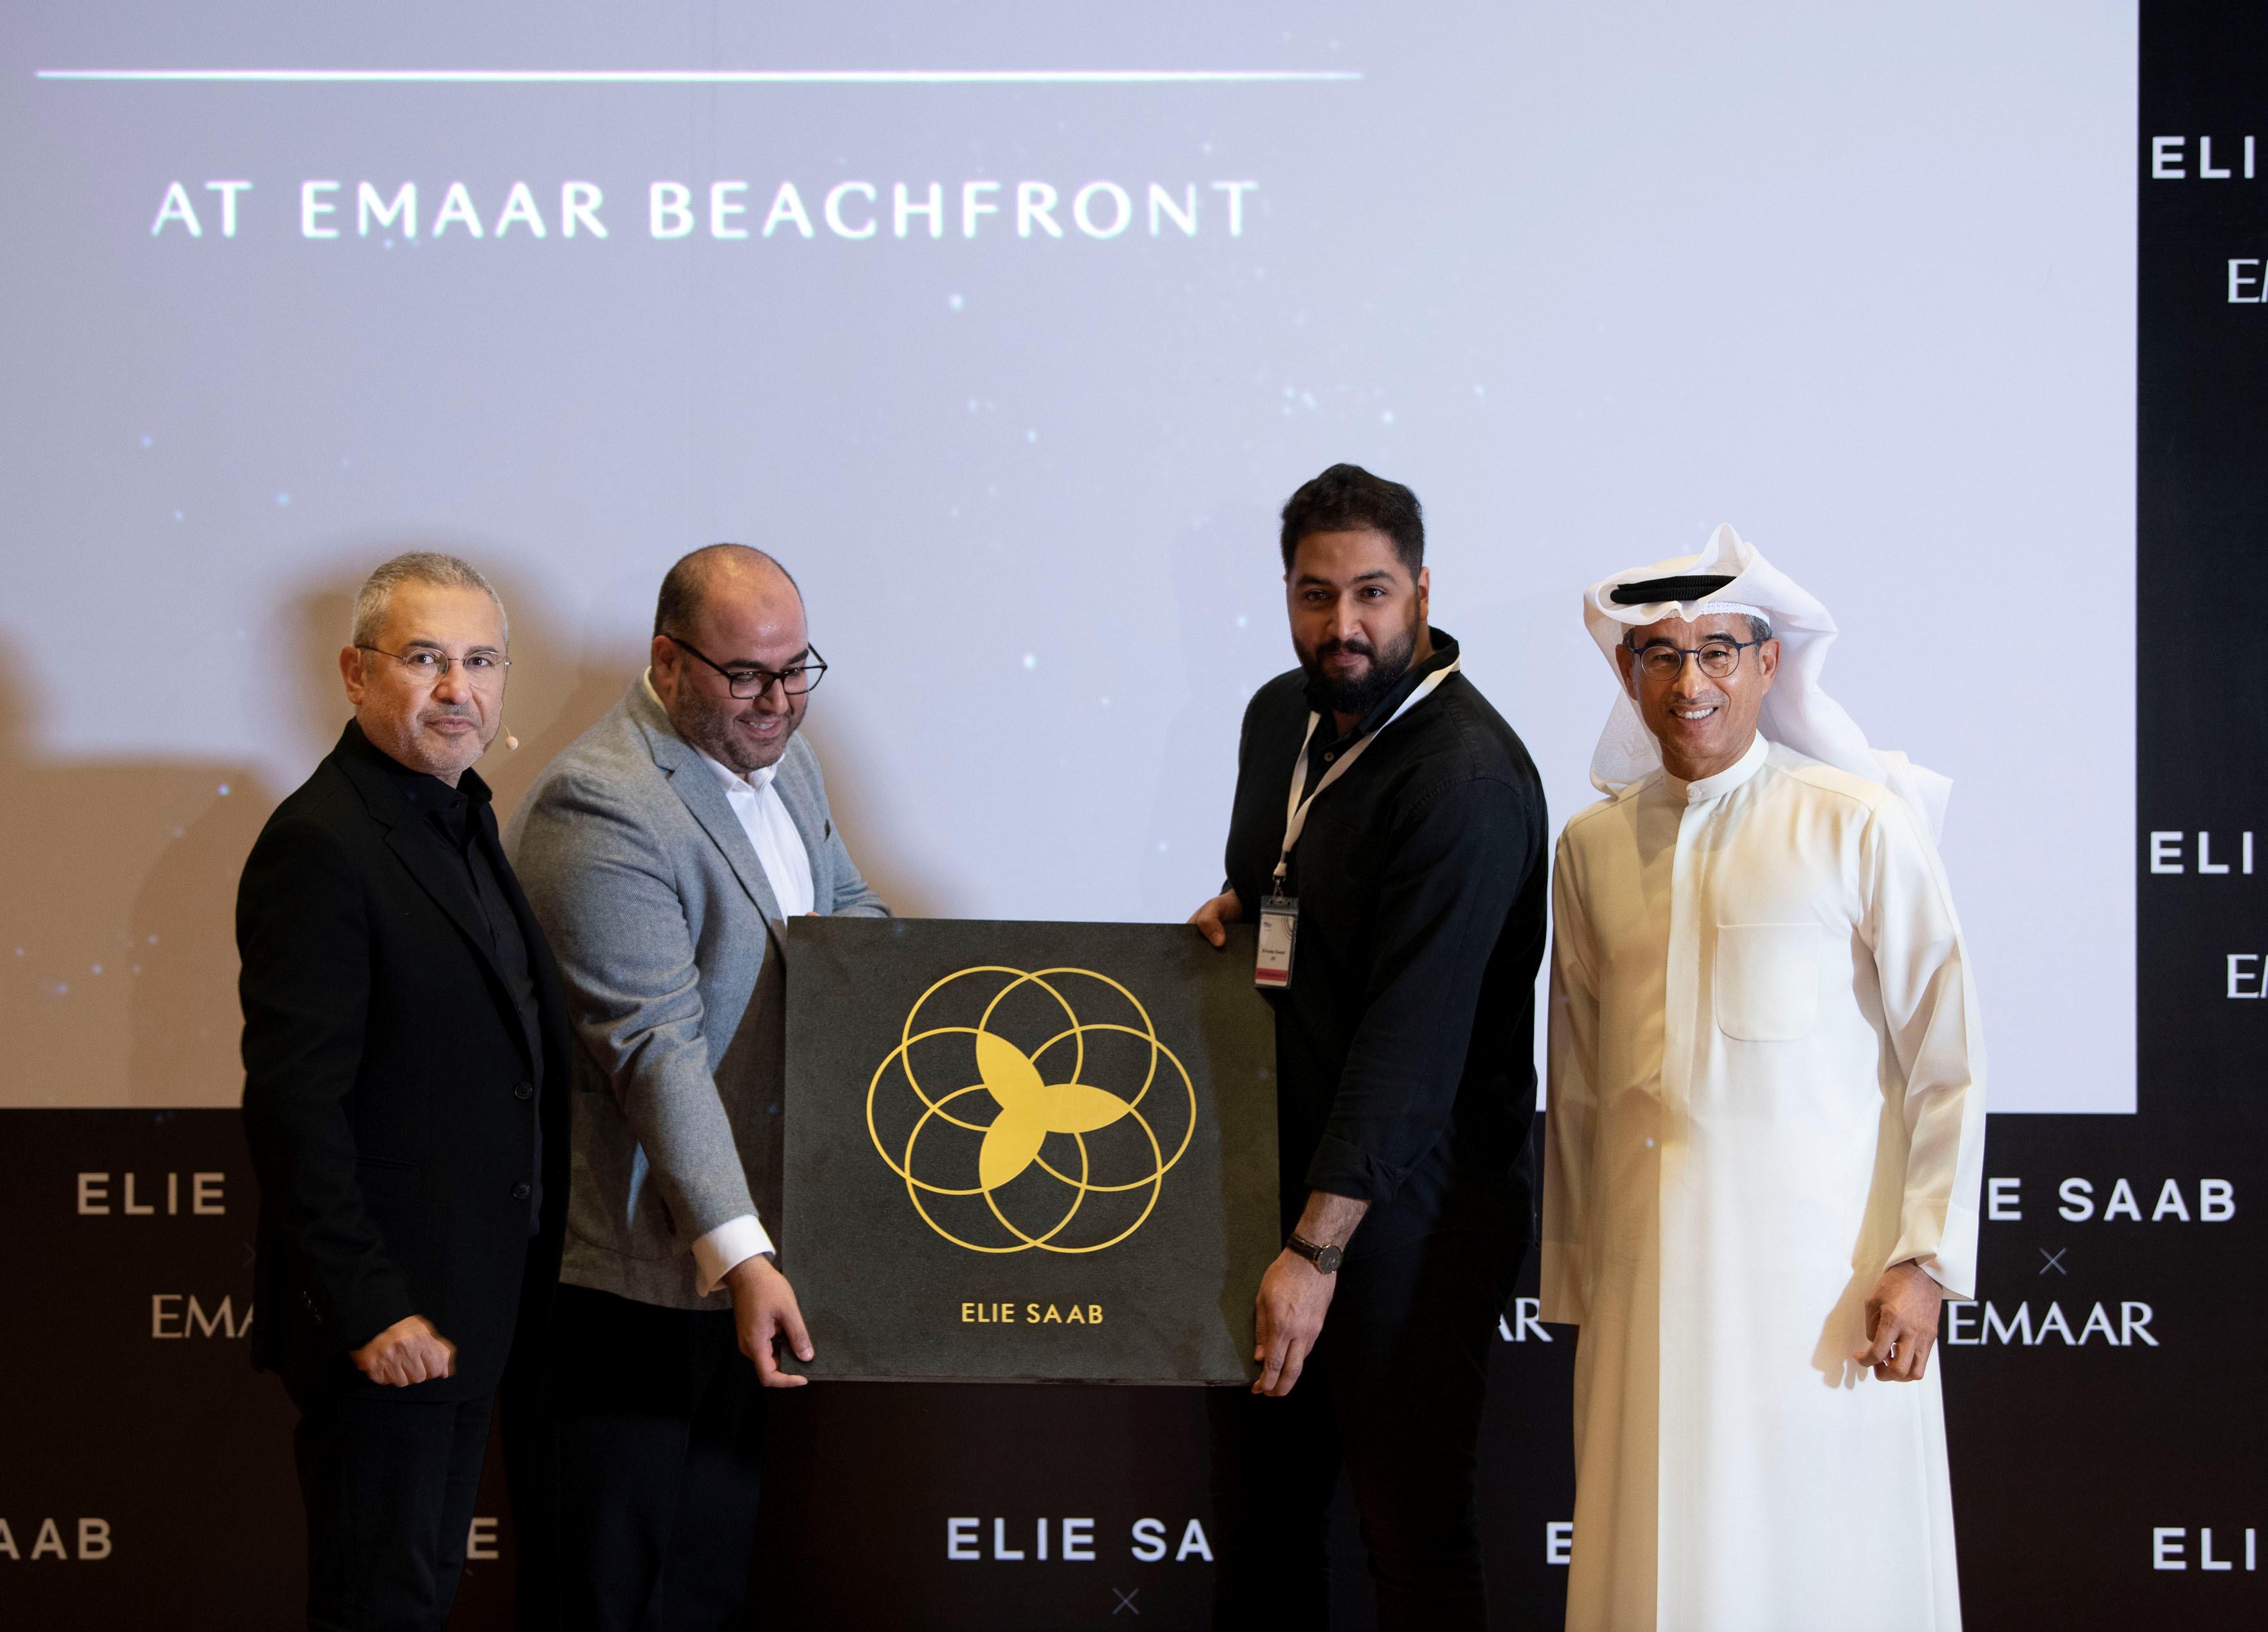 Elie Saab and Mohamed Alabbar